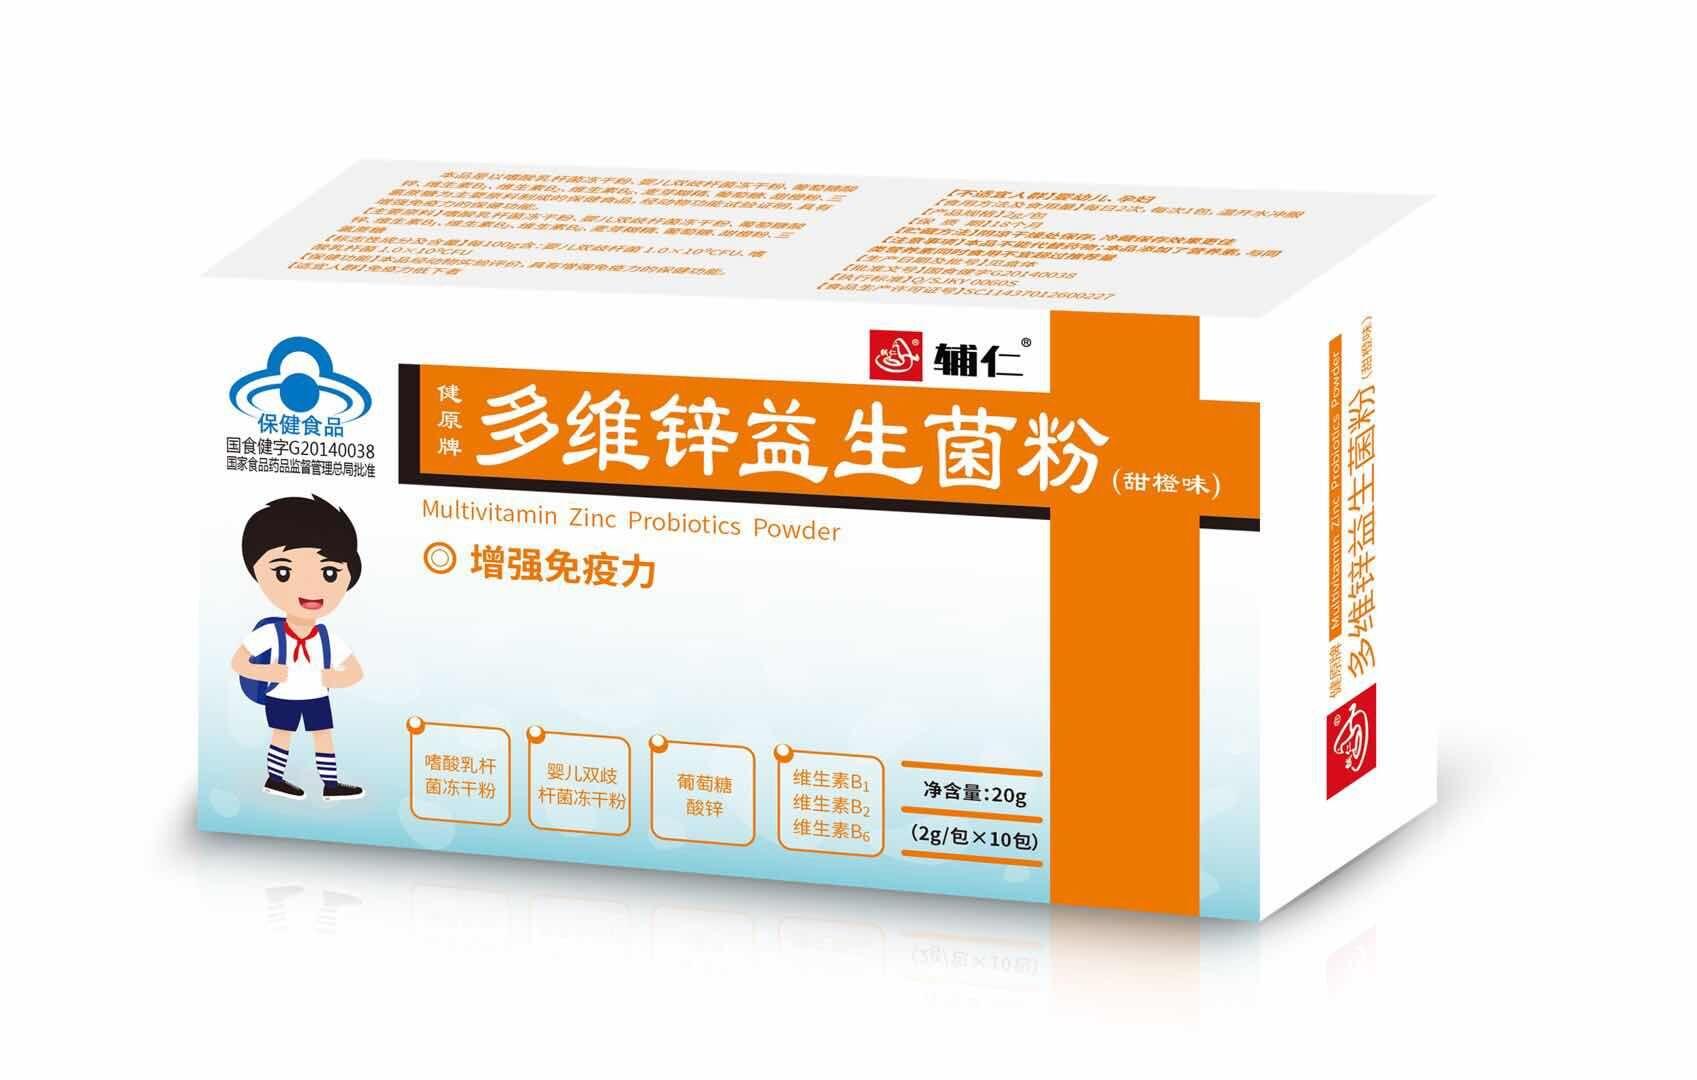 强健肠胃,试试这款益生菌?